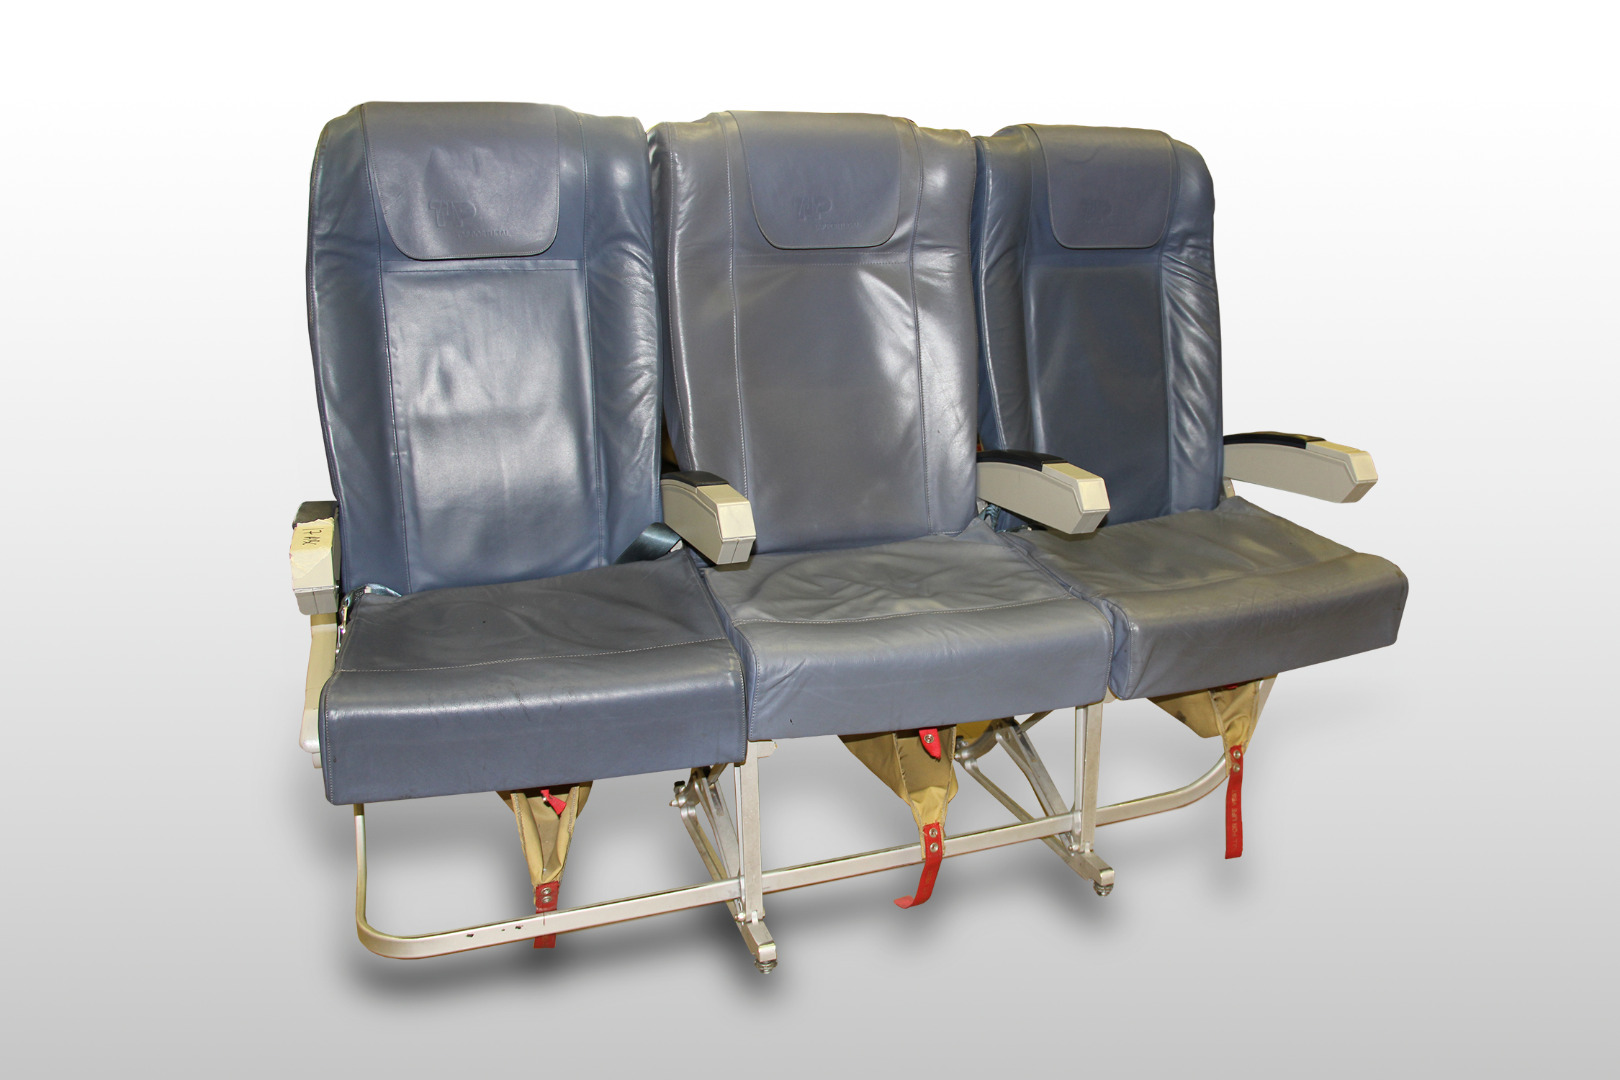 Cadeira tripla de económica do avião A319 TTK da TAP - 41